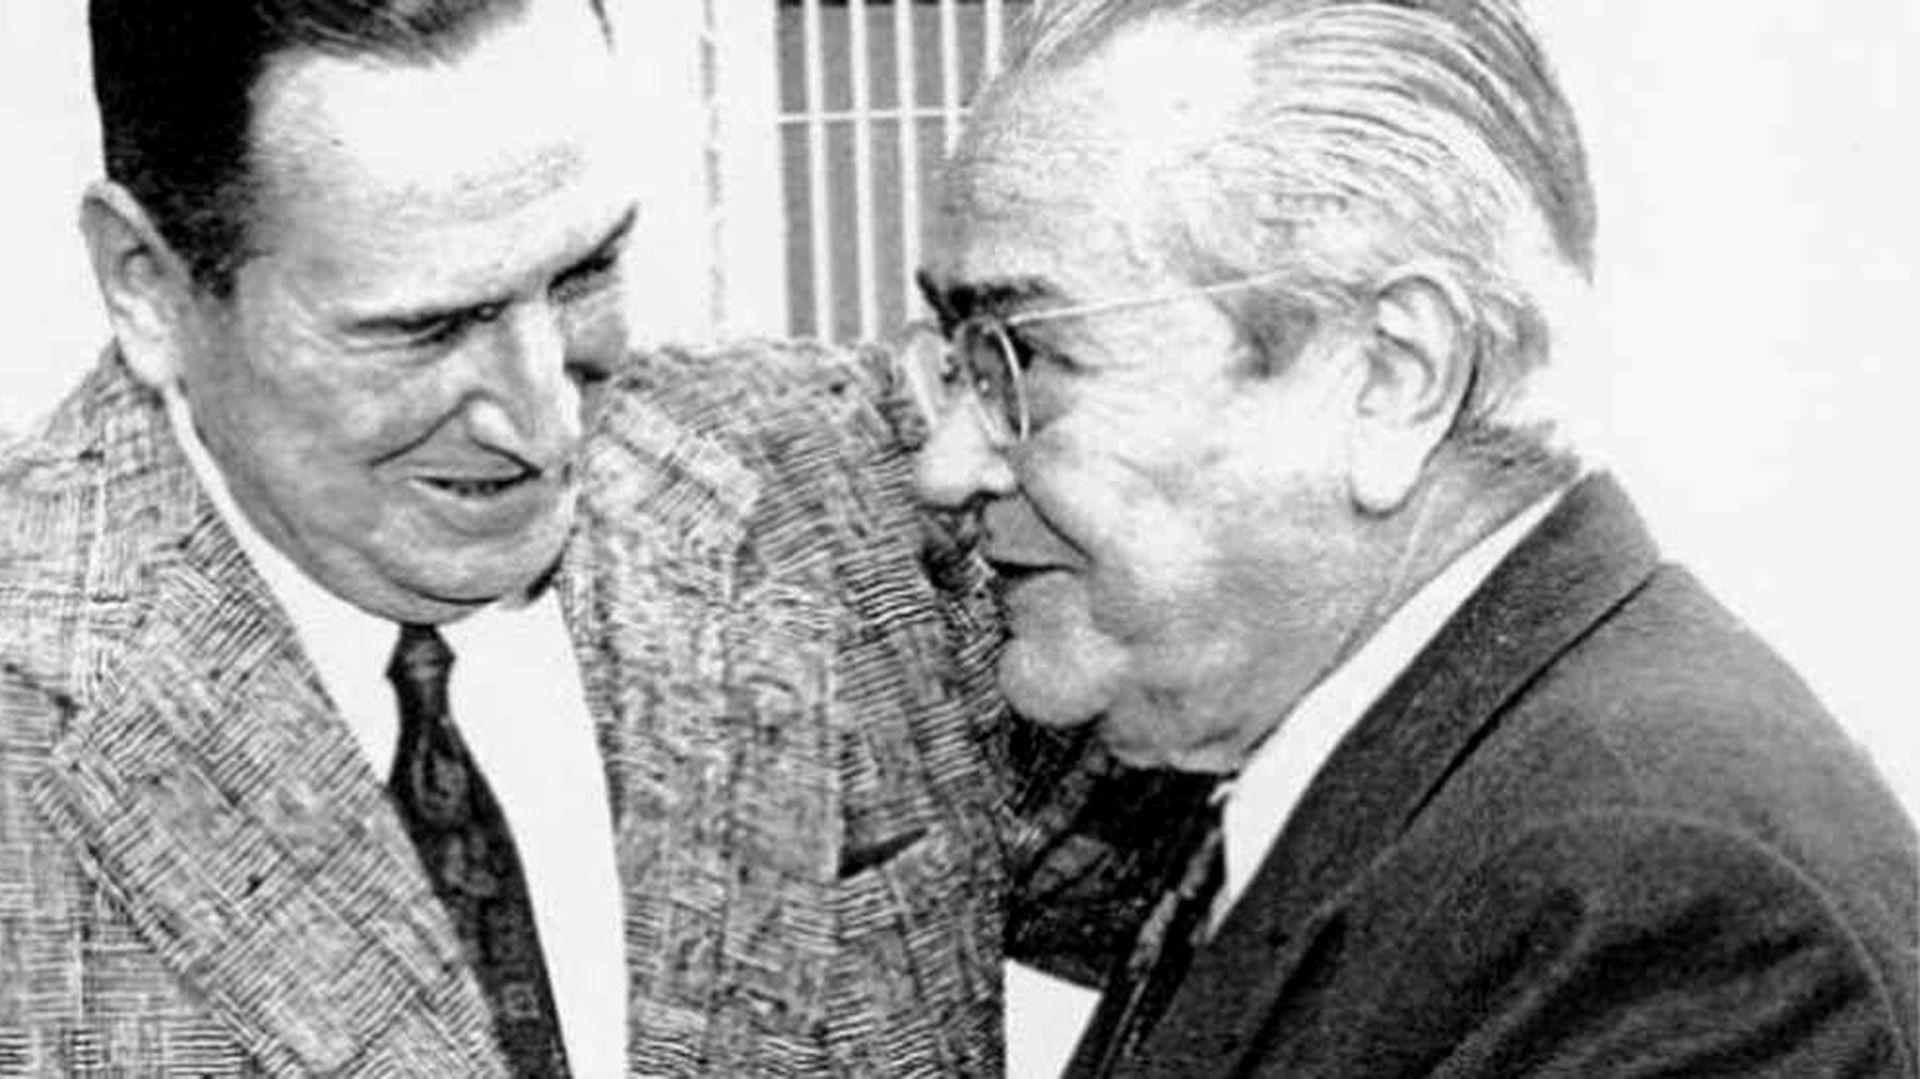 El 19 de noviembre de 1972, en la residencia de Gaspar Campos, Perón y Bablín se dieron el histórico abrazo